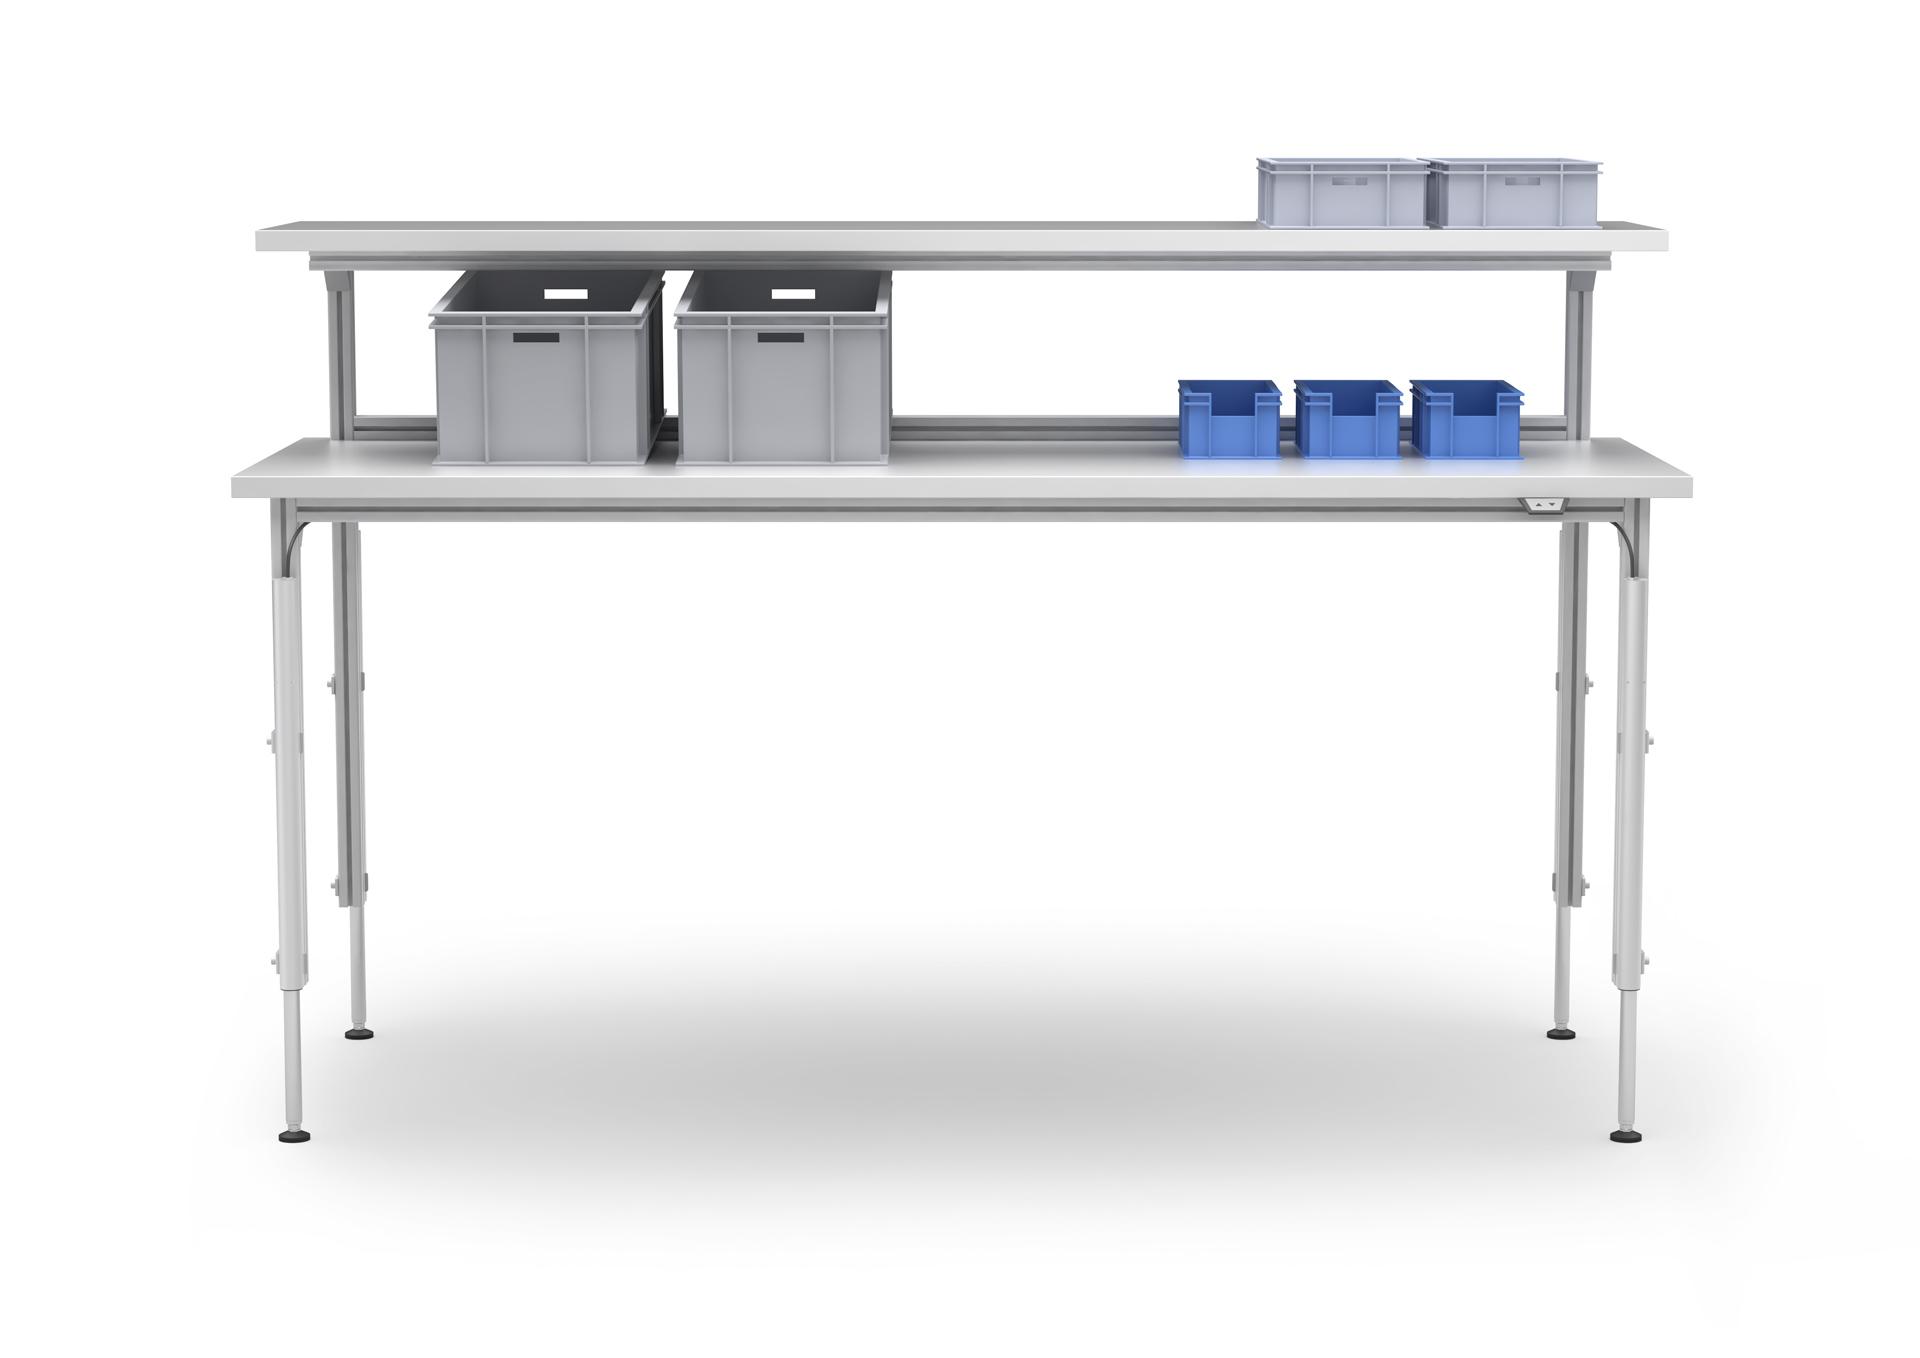 Nachrüstsystem für Werkbänke